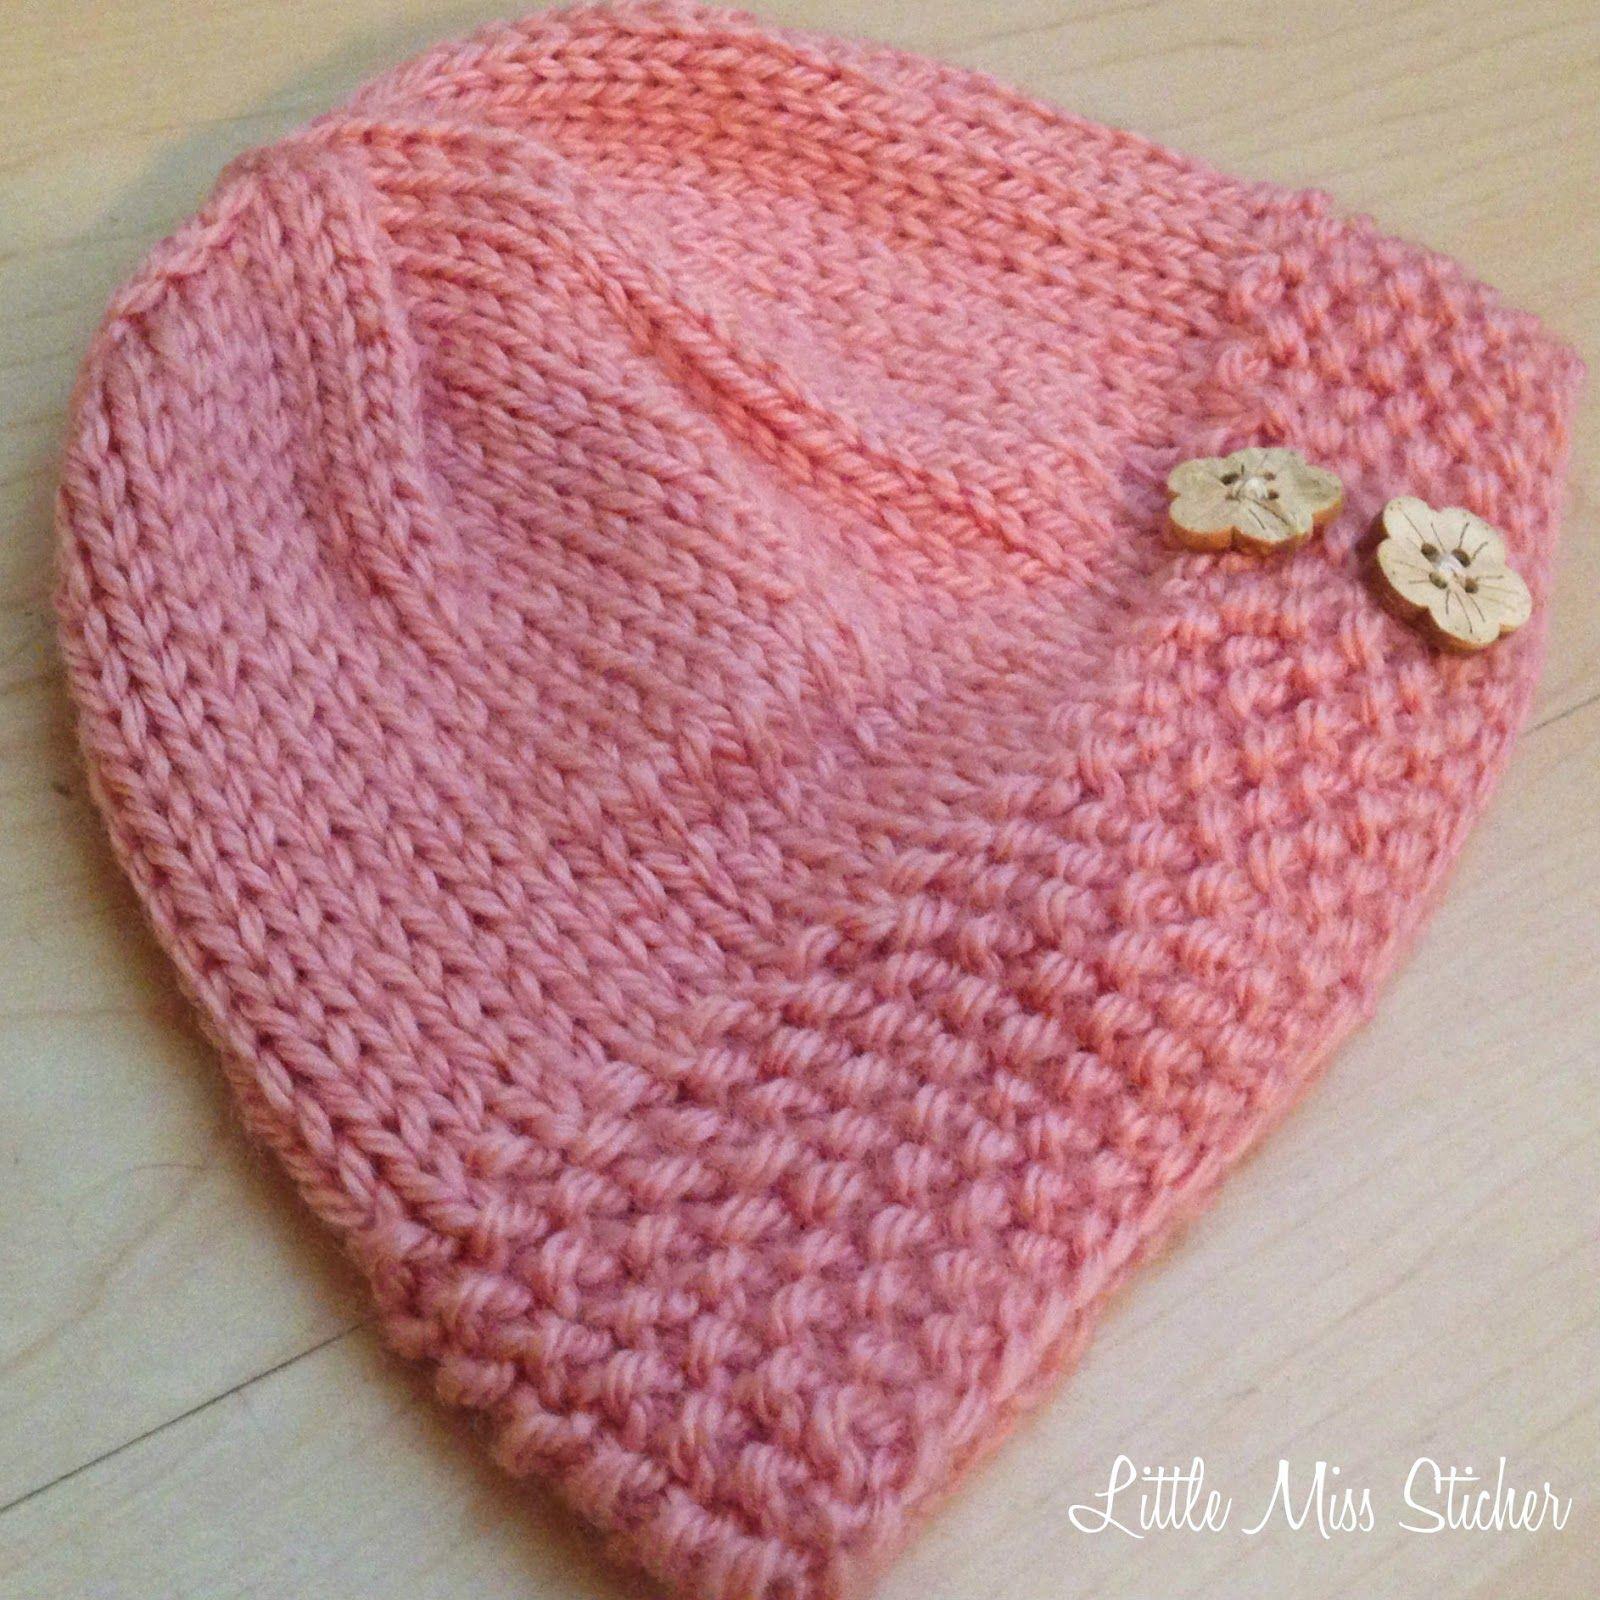 Bitty Beanie Free Knit Pattern Baby Hats Knitting Baby Hat Knitting Pattern Baby Knitting Patterns